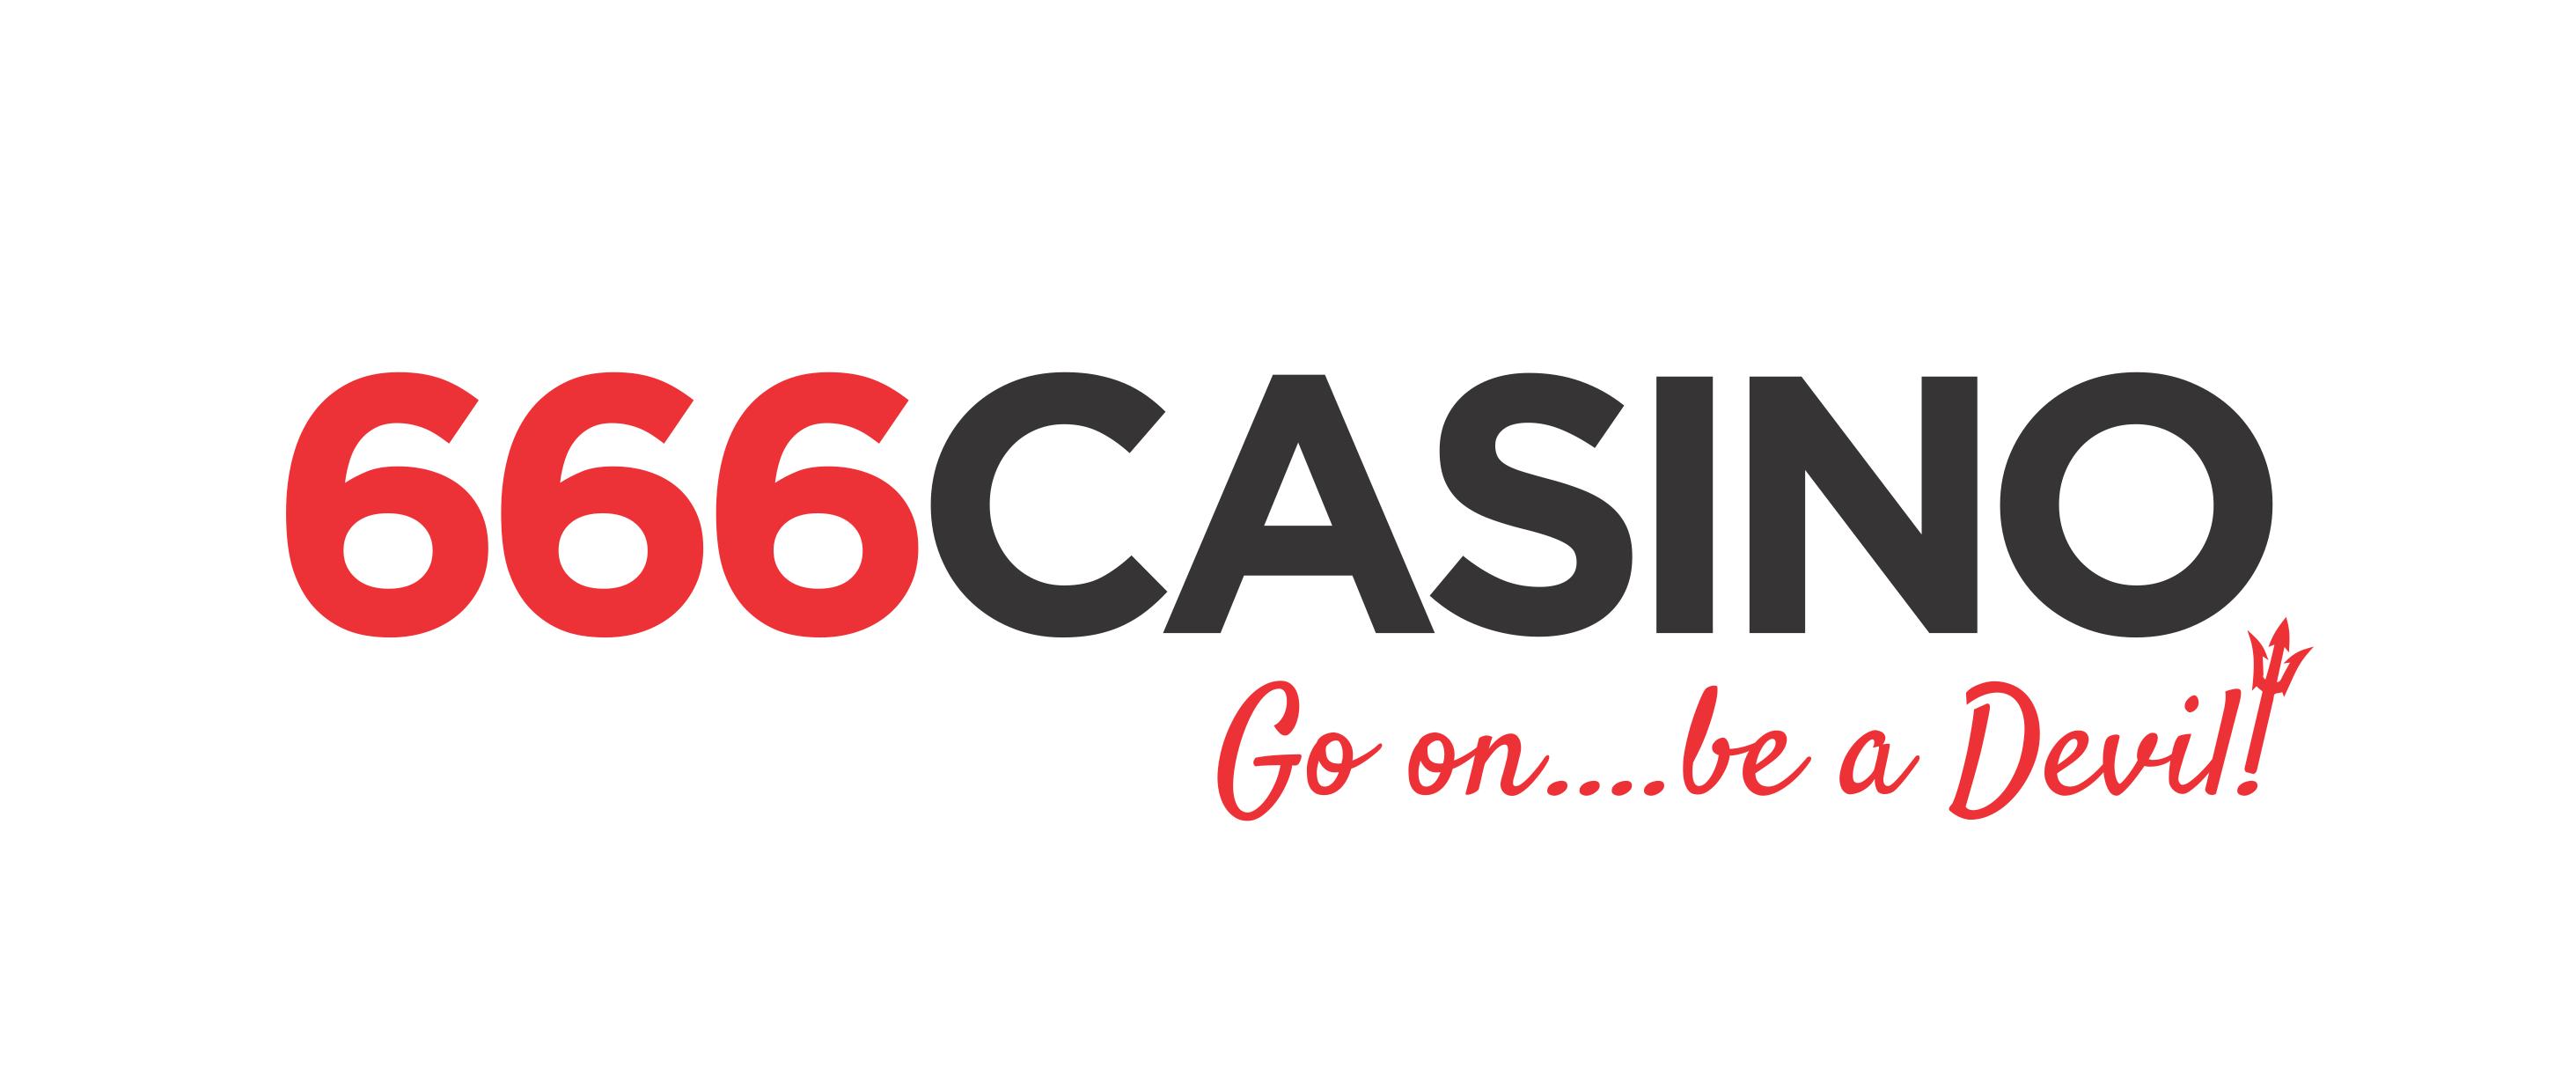 Online Casino Games & UK Slots